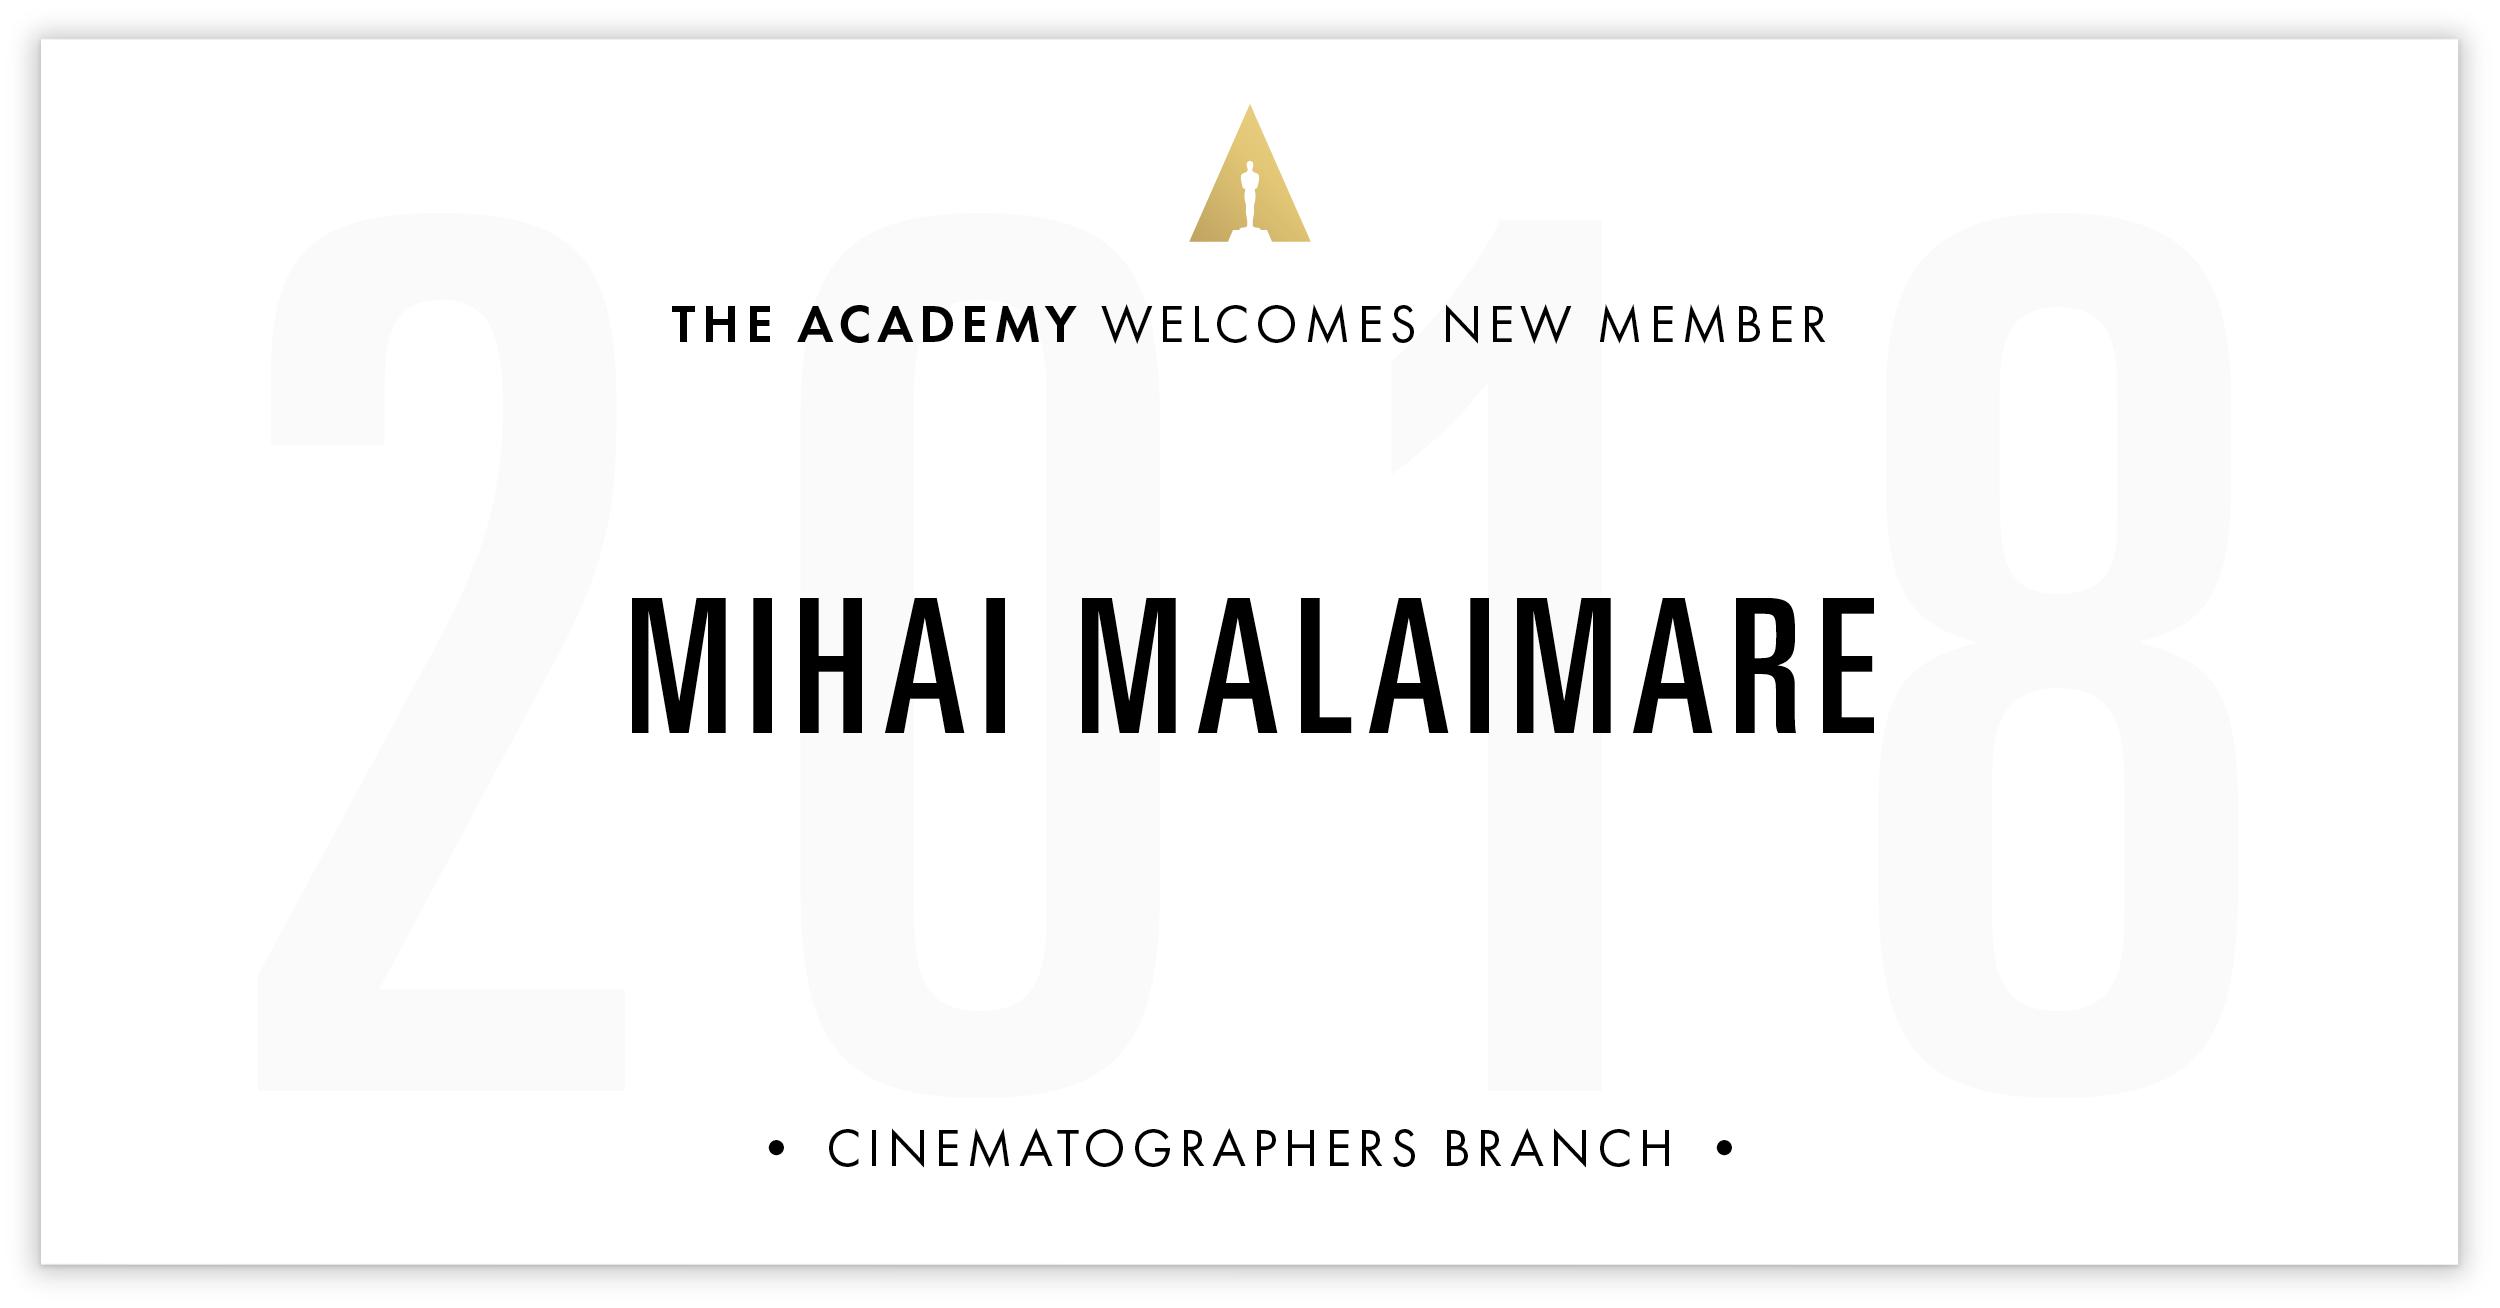 Mihai Malaimare is invited!